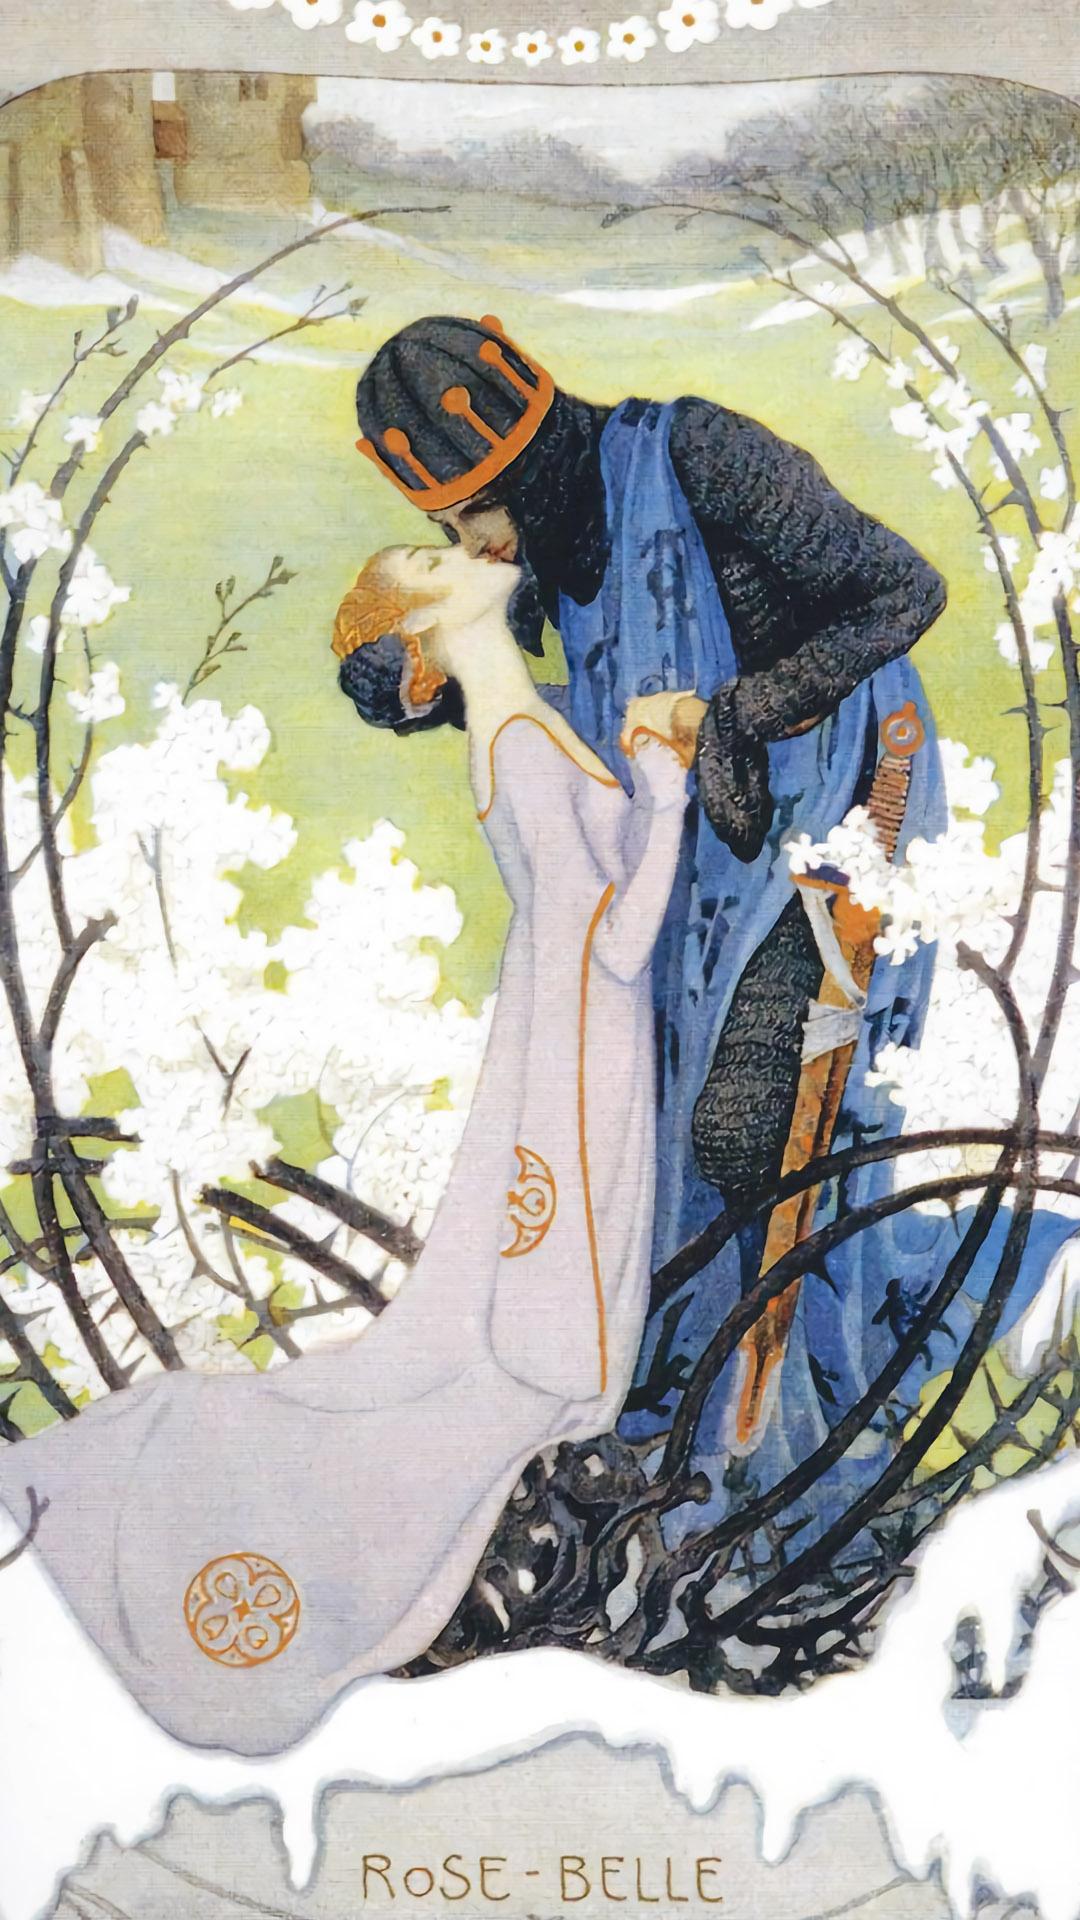 ハインリッヒ・レフラー Heinrich Lefler - Rose Belle 1080x1920